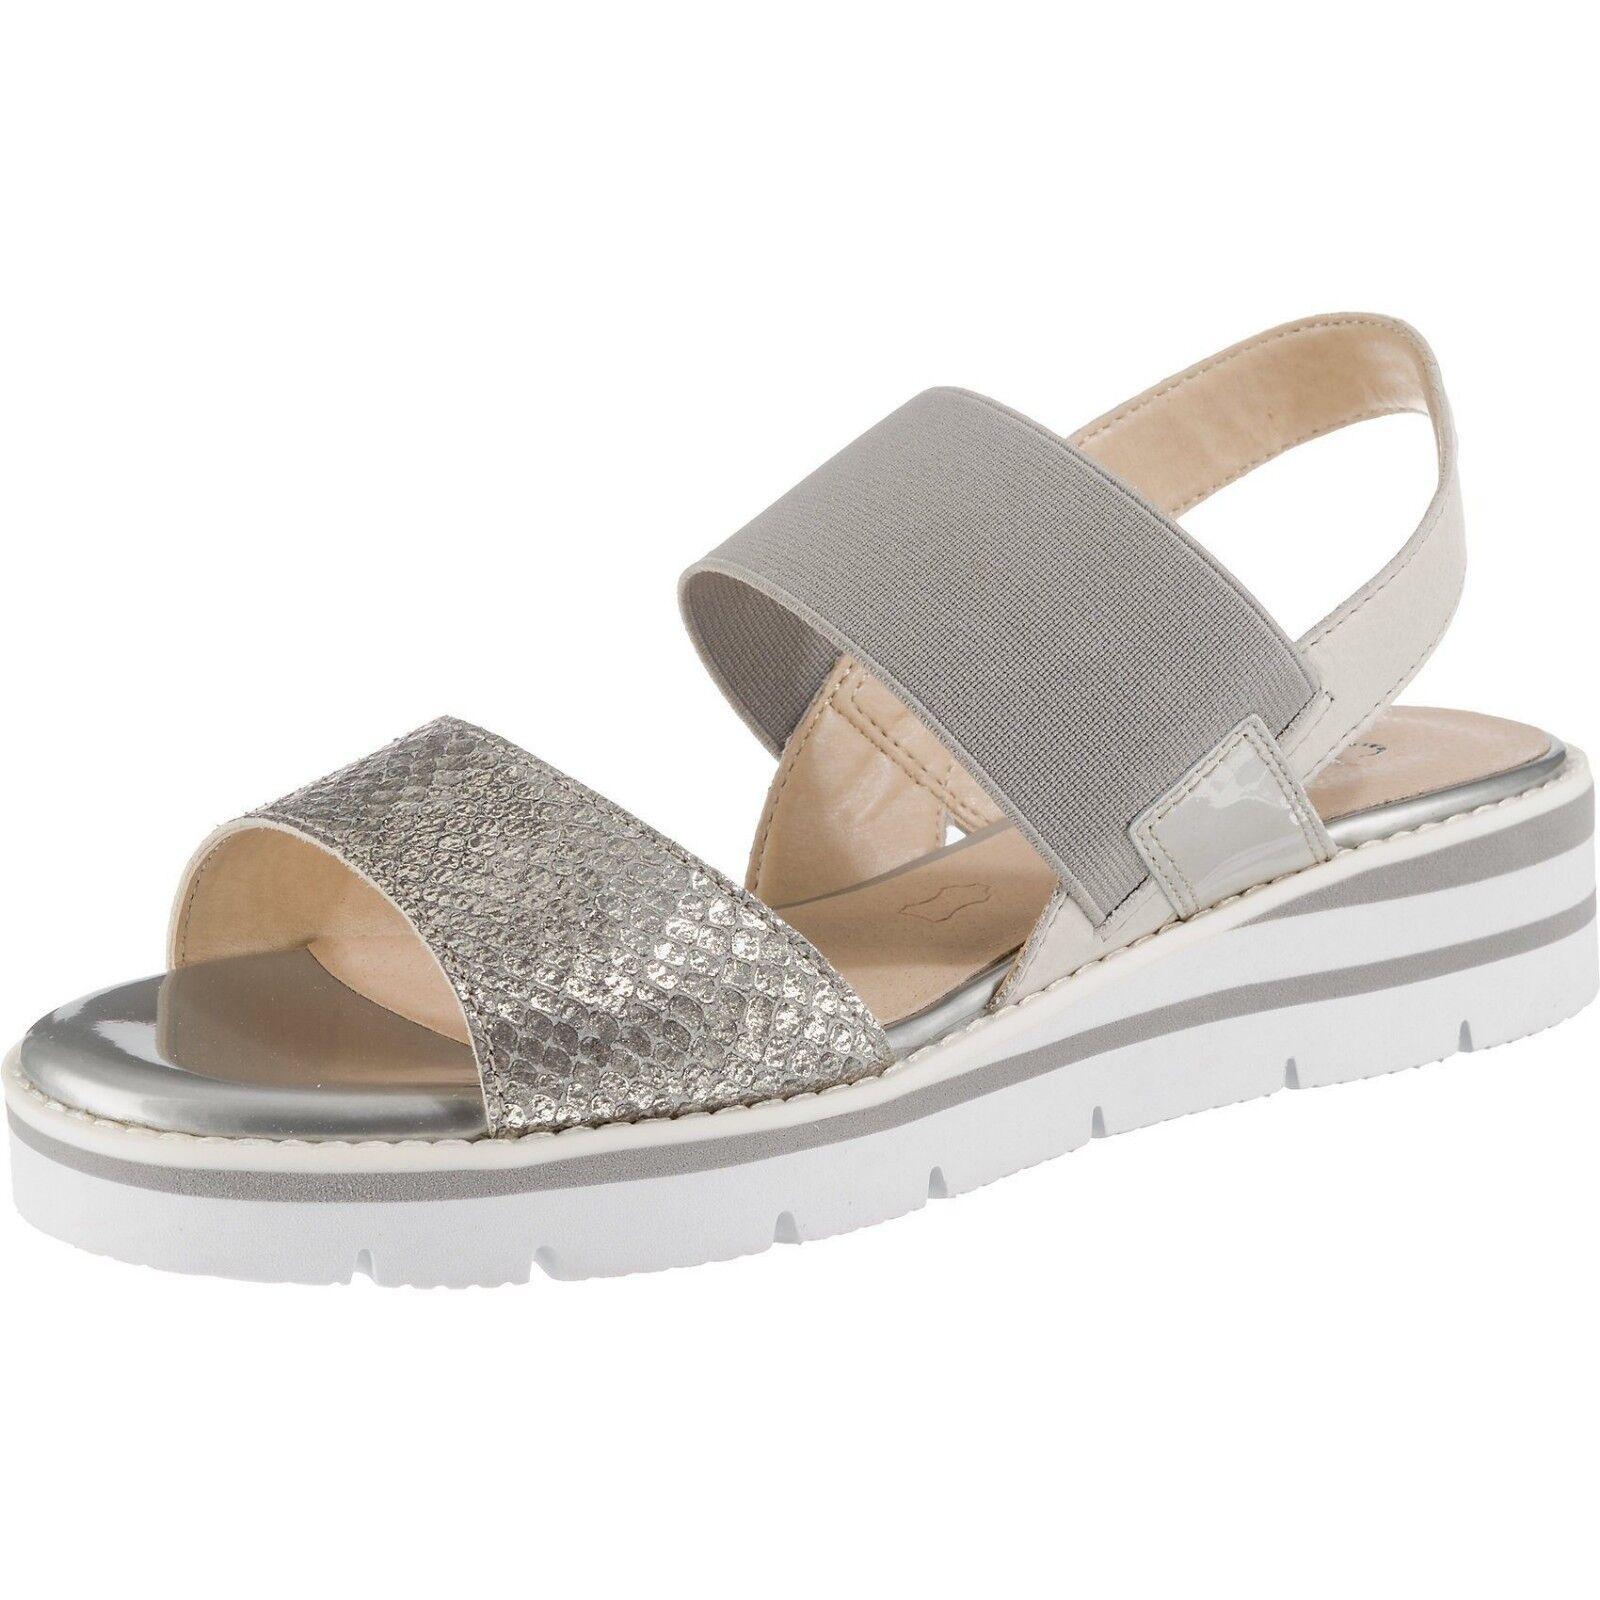 Caprice Scarpe donna sandalo grigio dimensione 38 - 41 28702 Zeppa Sandalo Estate